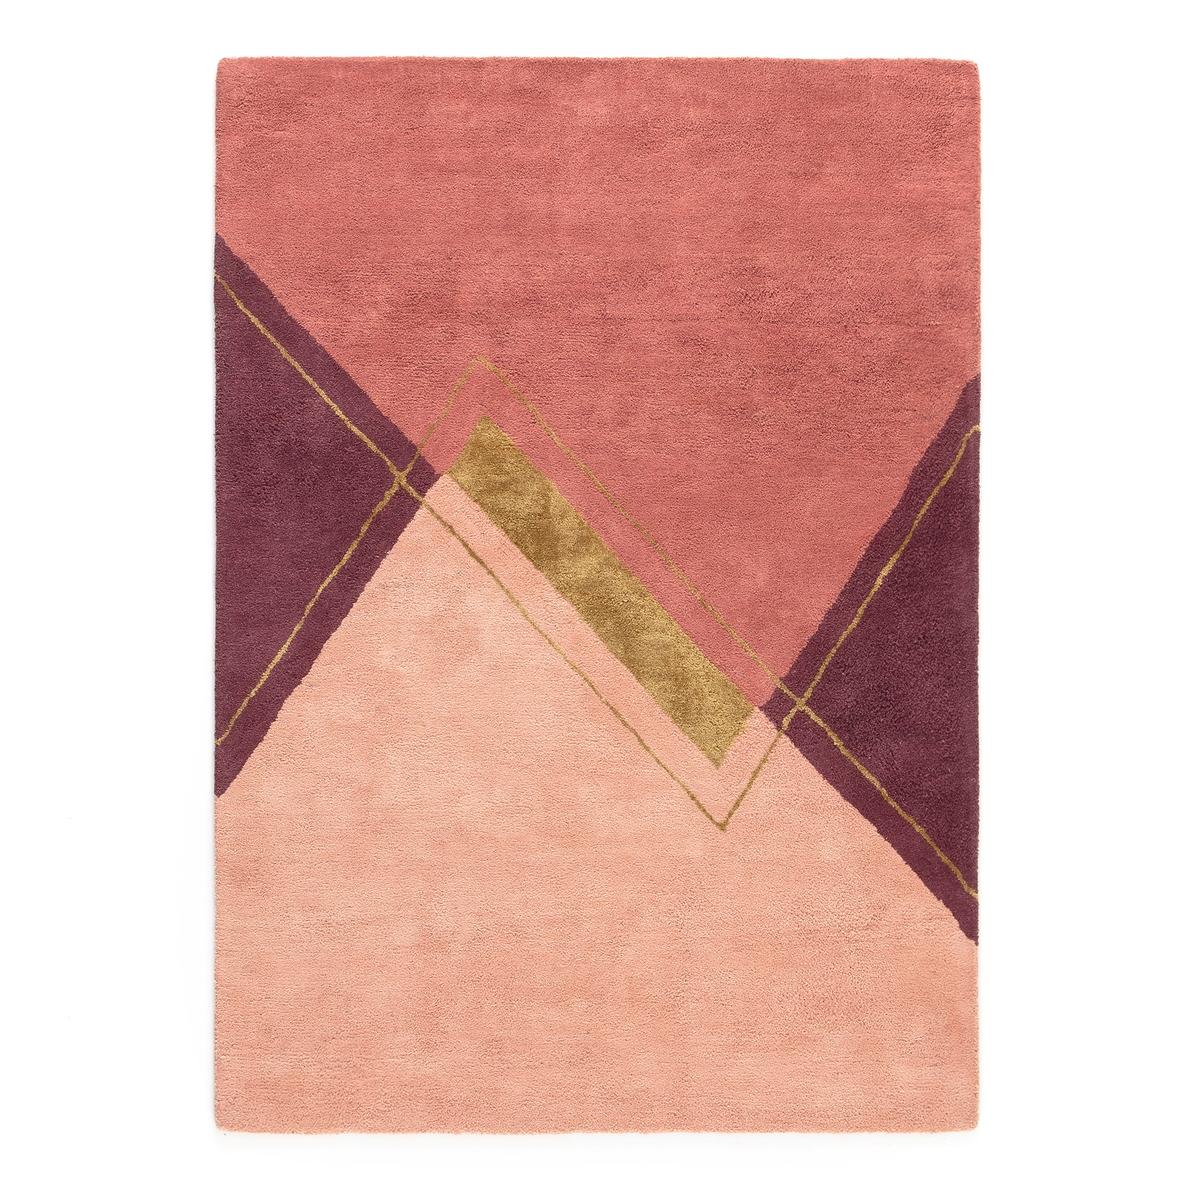 цена Ковер La Redoute Из хлопка и вискозы ALABAMA 120 x 170 см розовый онлайн в 2017 году